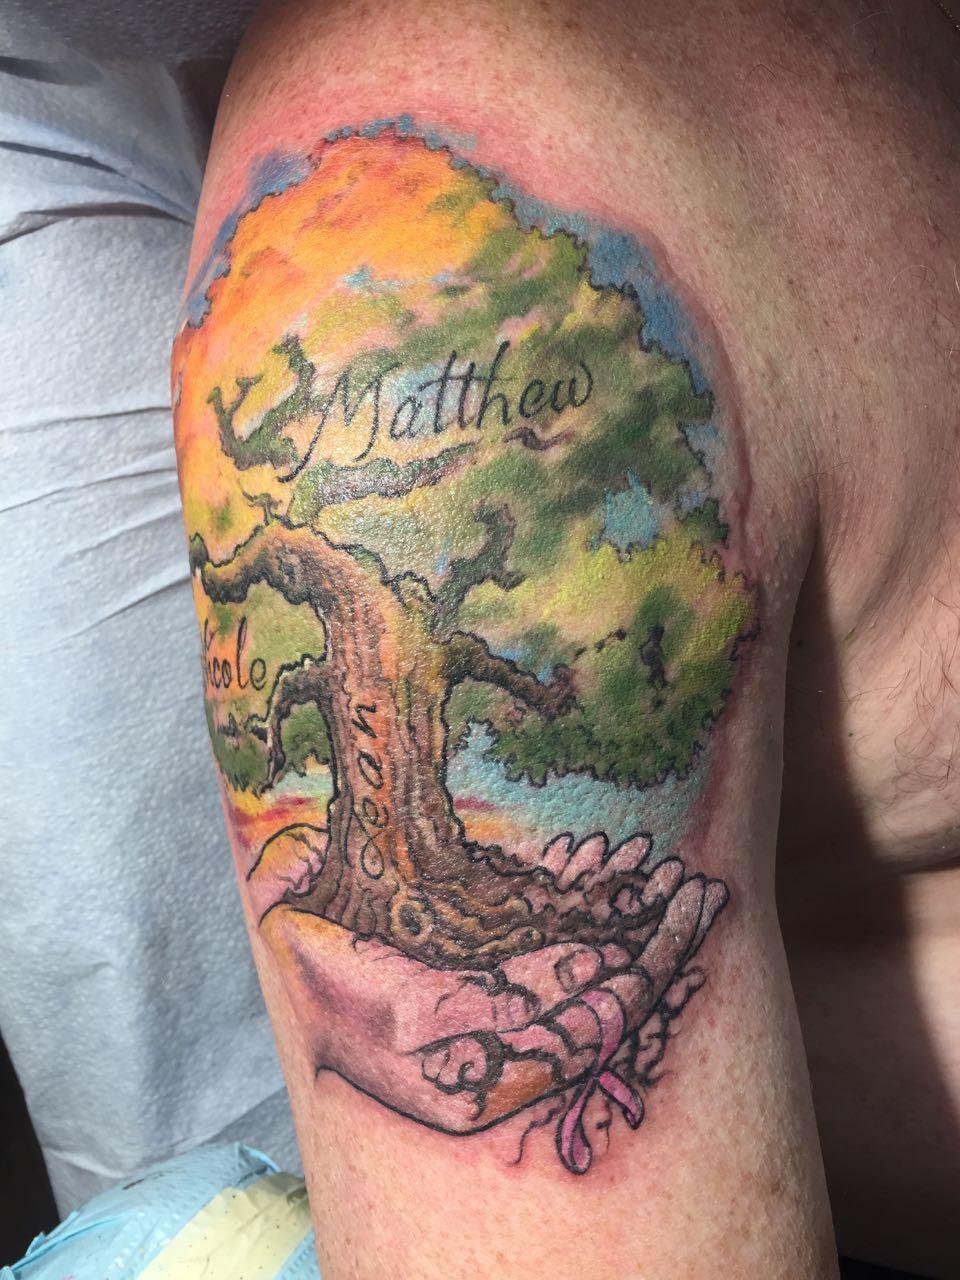 jesse_fowler_tattooer_19 - 12.jpg